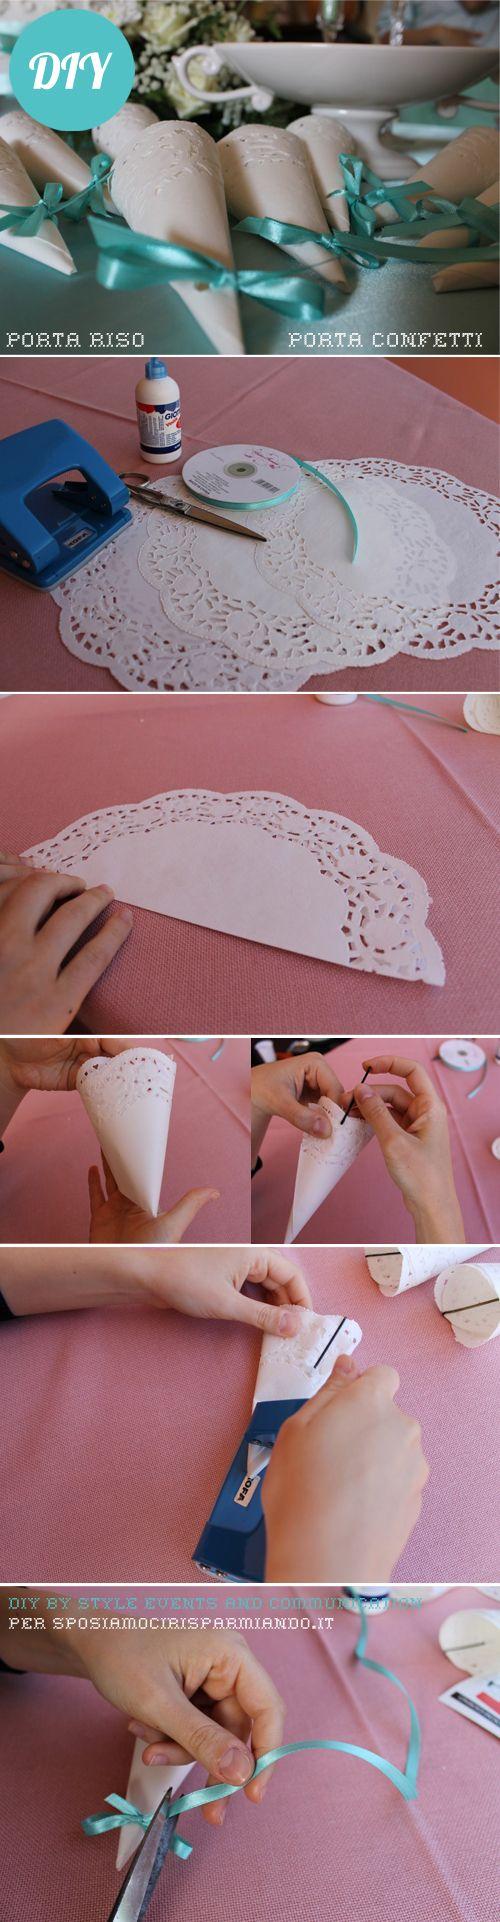 Eleganti coni portariso fai da te, che all'occorrenza si possono utilizzare anche come portaconfetti. Un facile e veloce DIY :-):